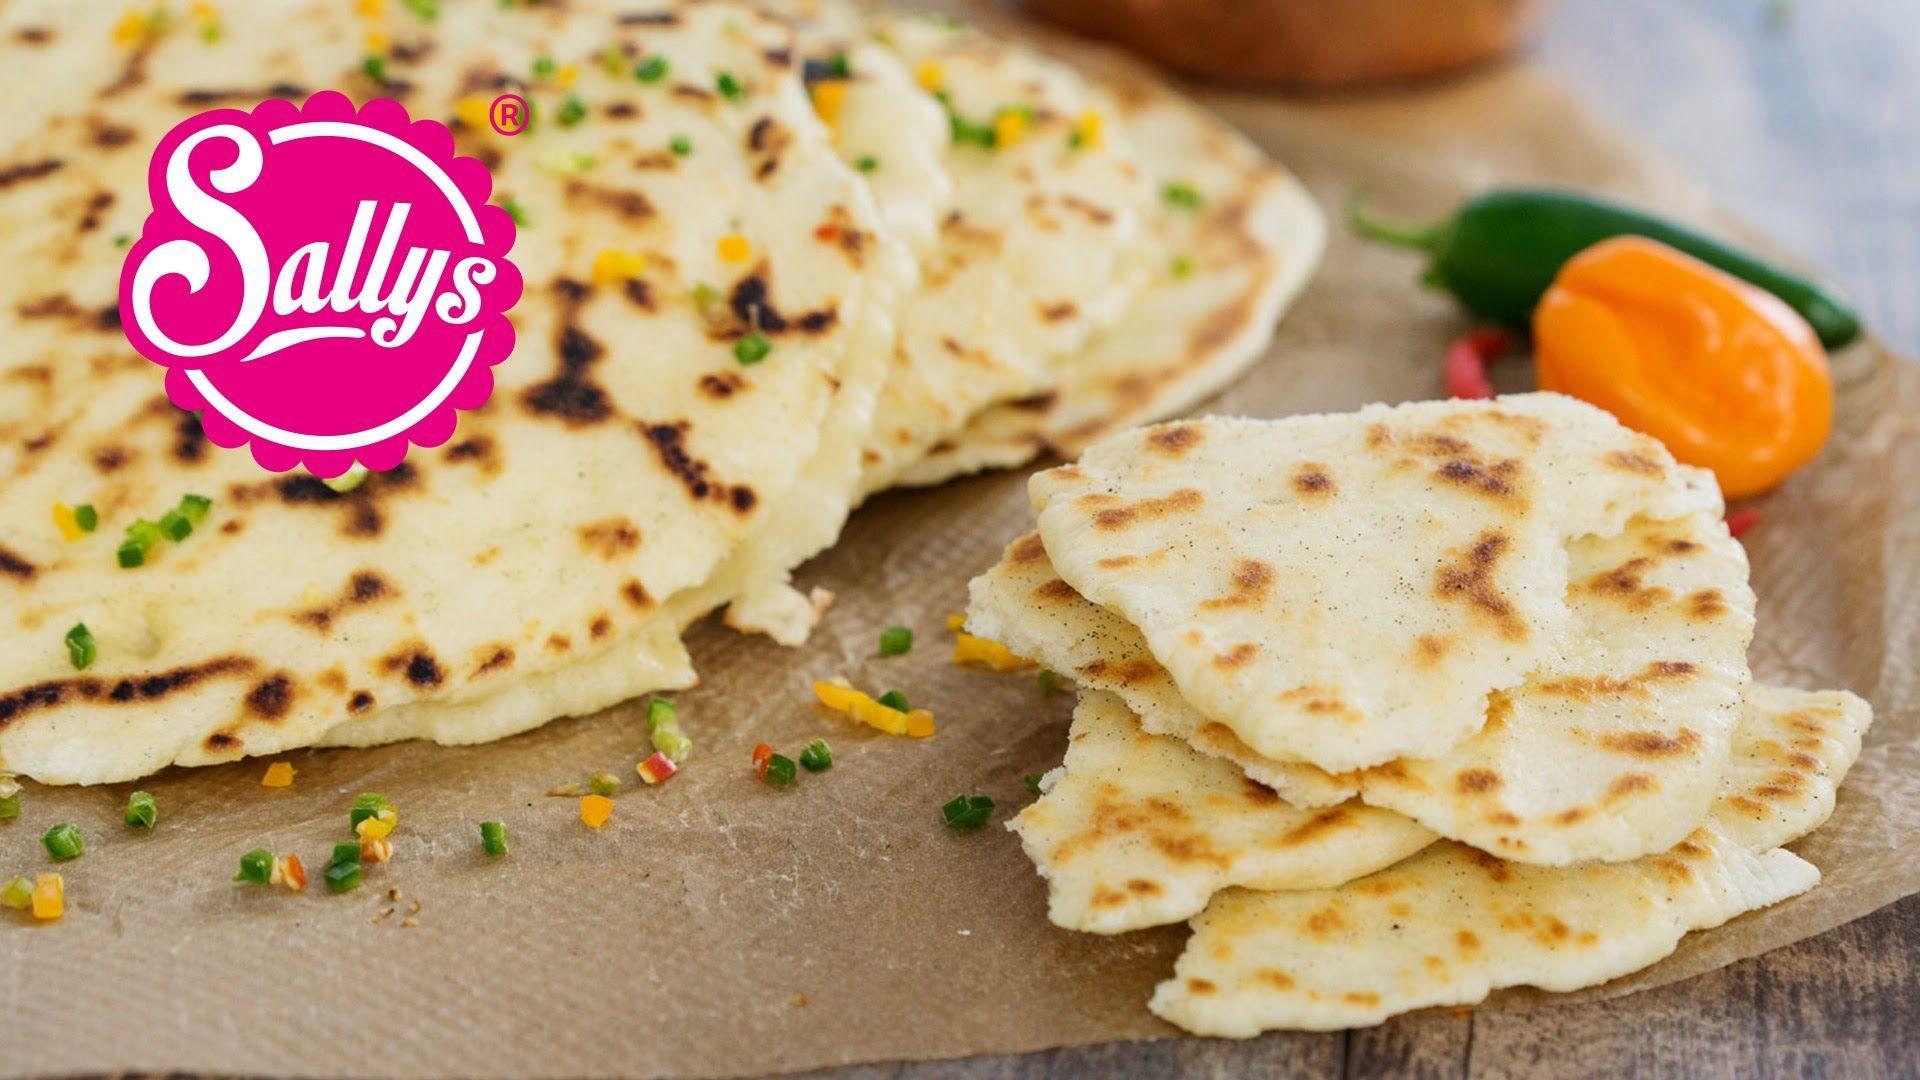 Sallys Türkische Küche - Mediterrane Und Orientalische Rezepte Für ...